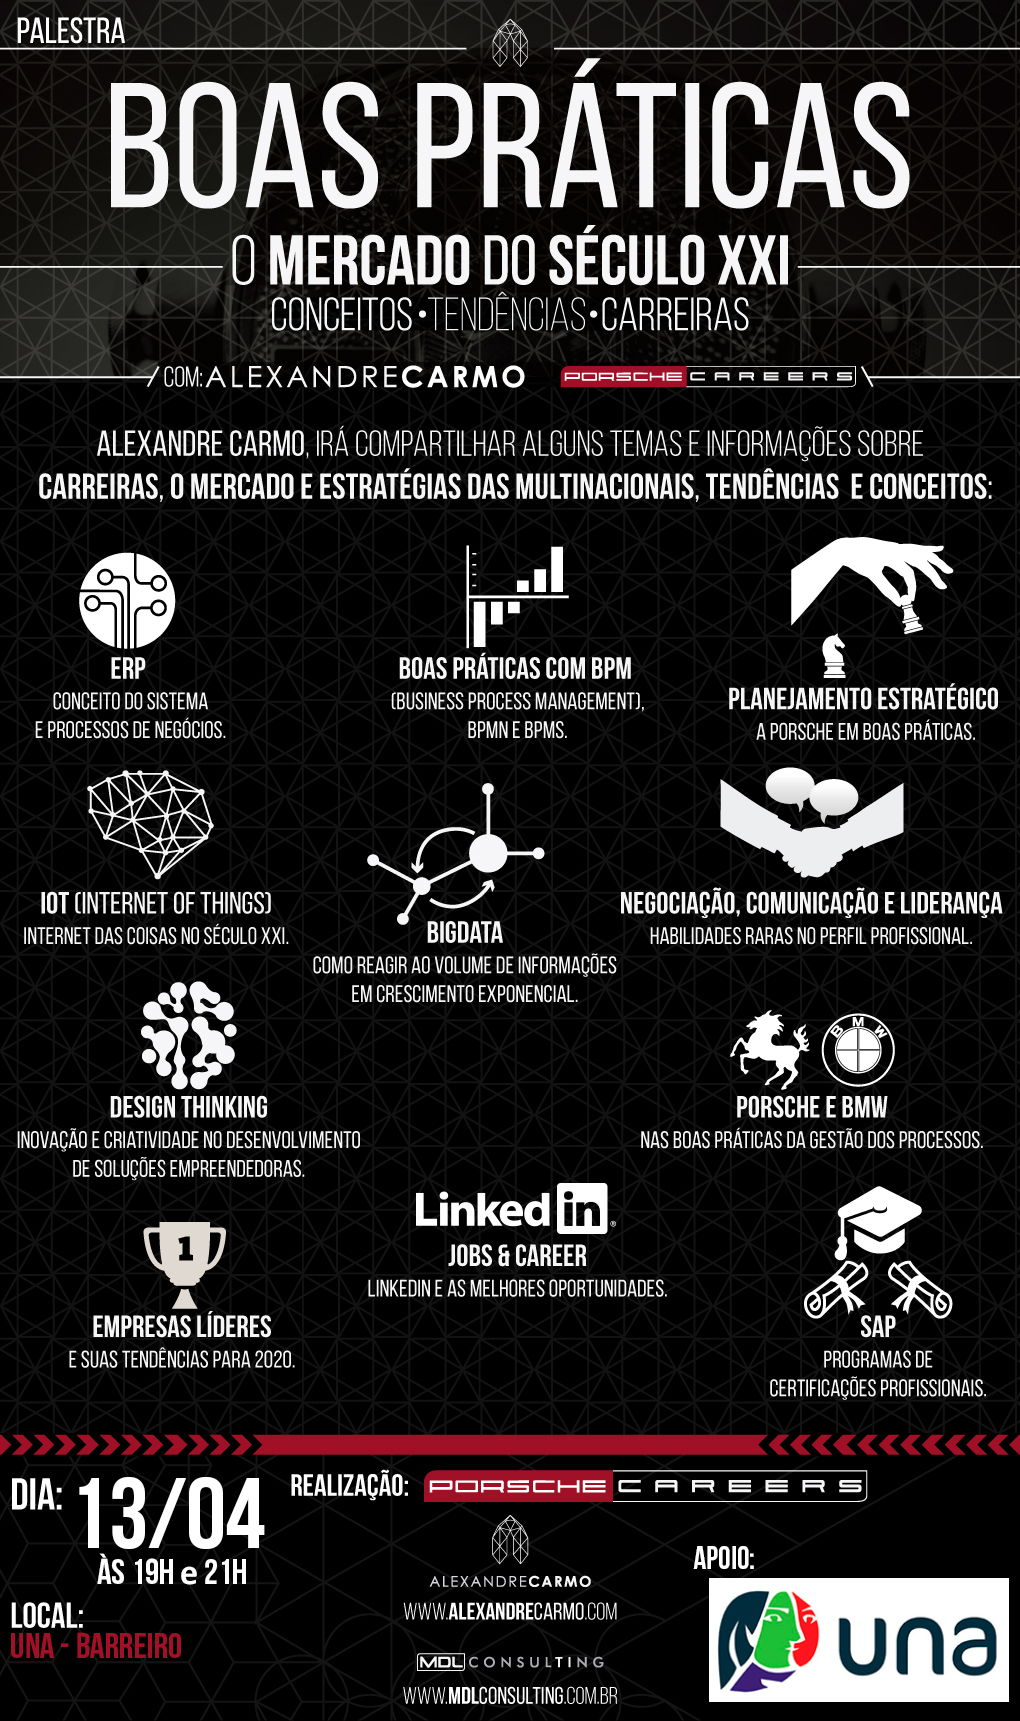 UnaBarreiro - Porsche Careers.jpg